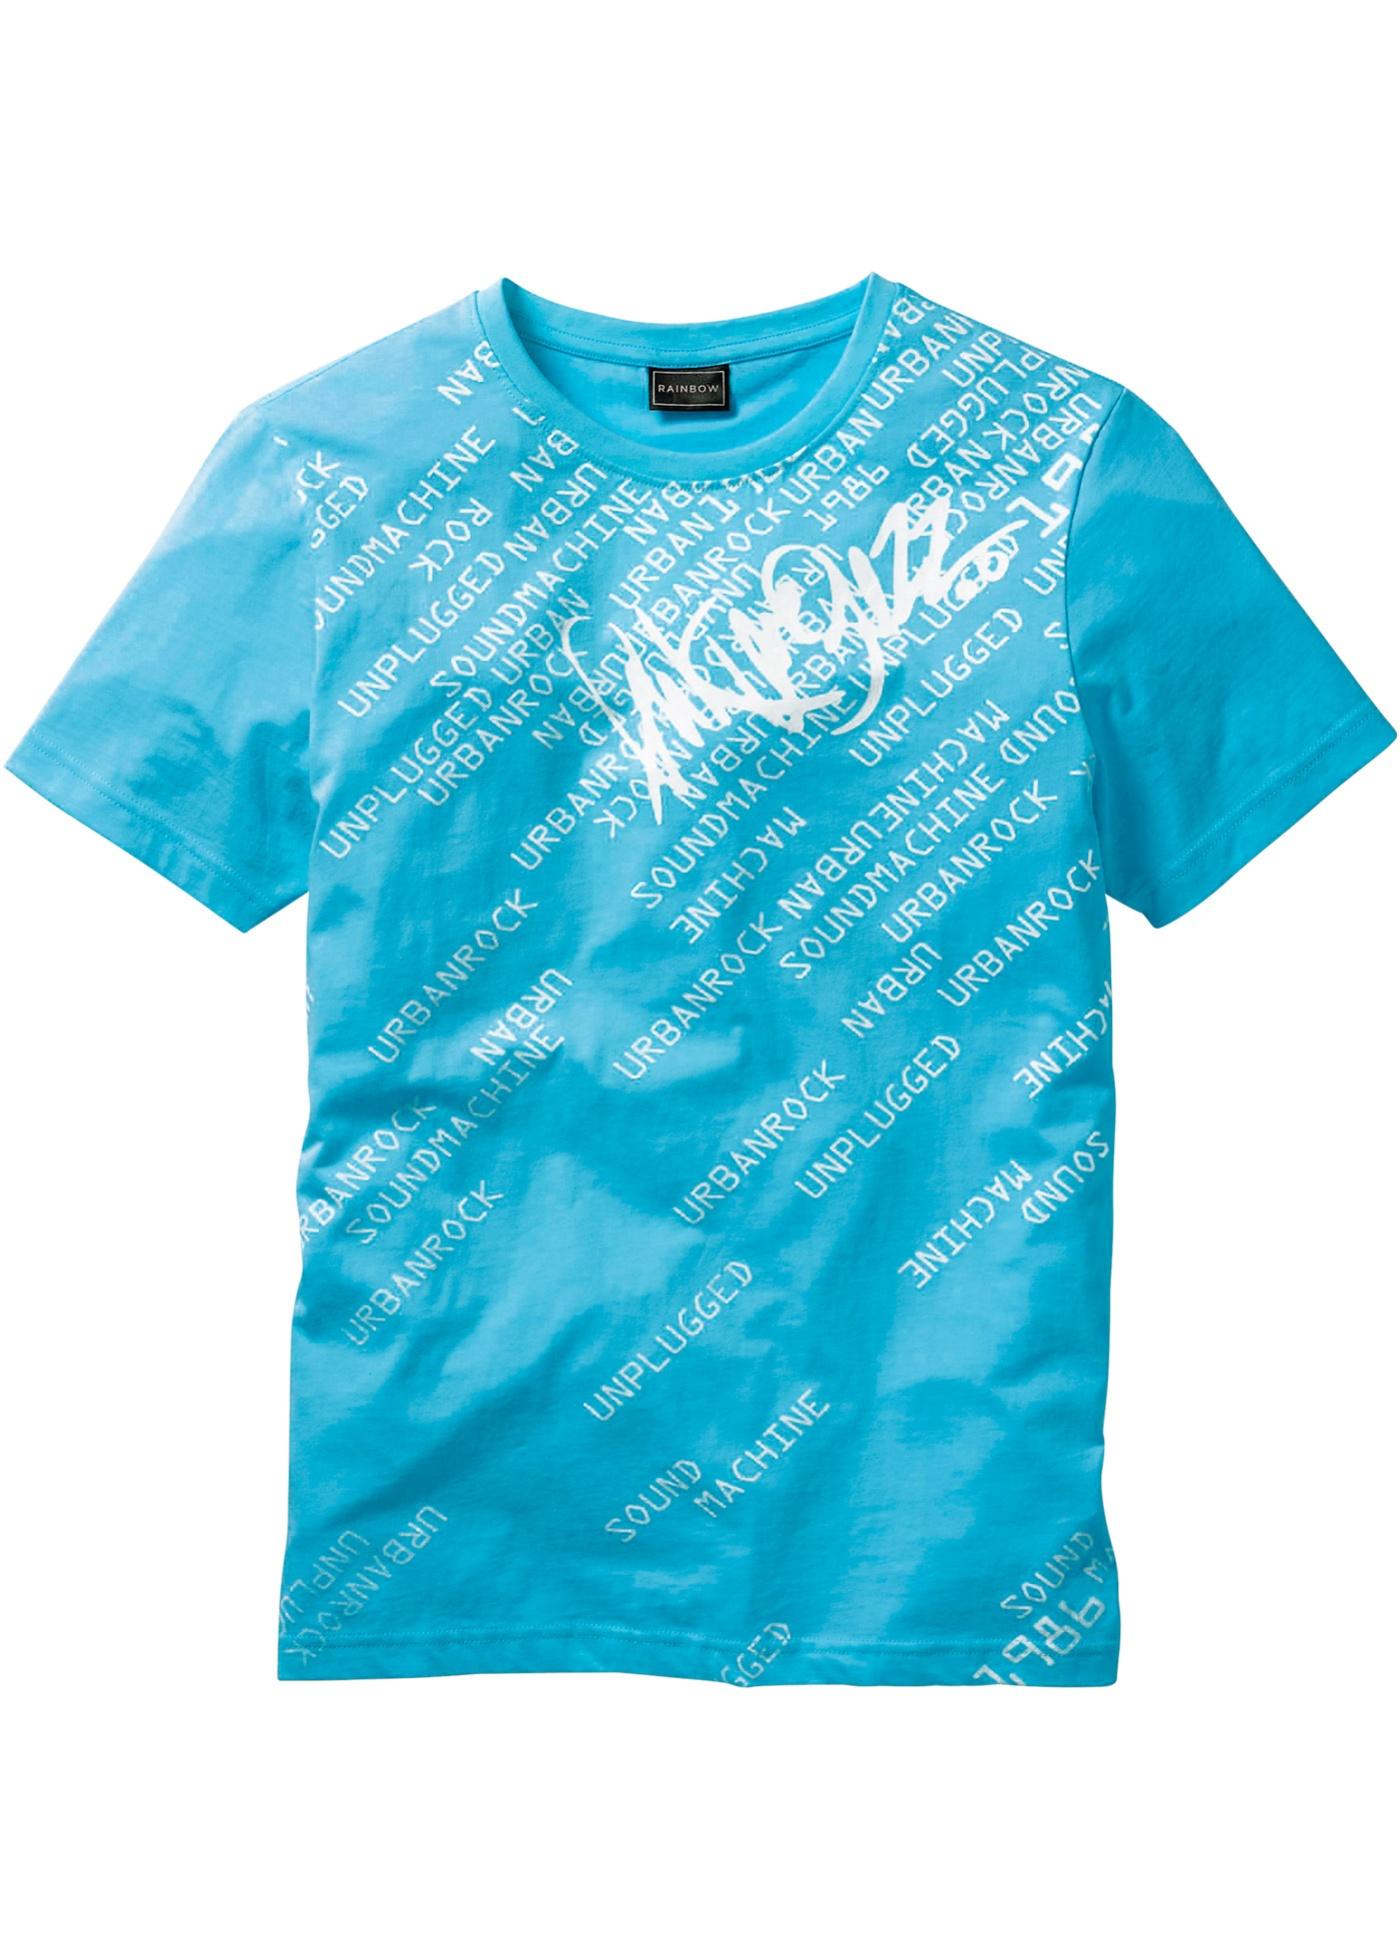 T-shirt slim fit  Blu  -